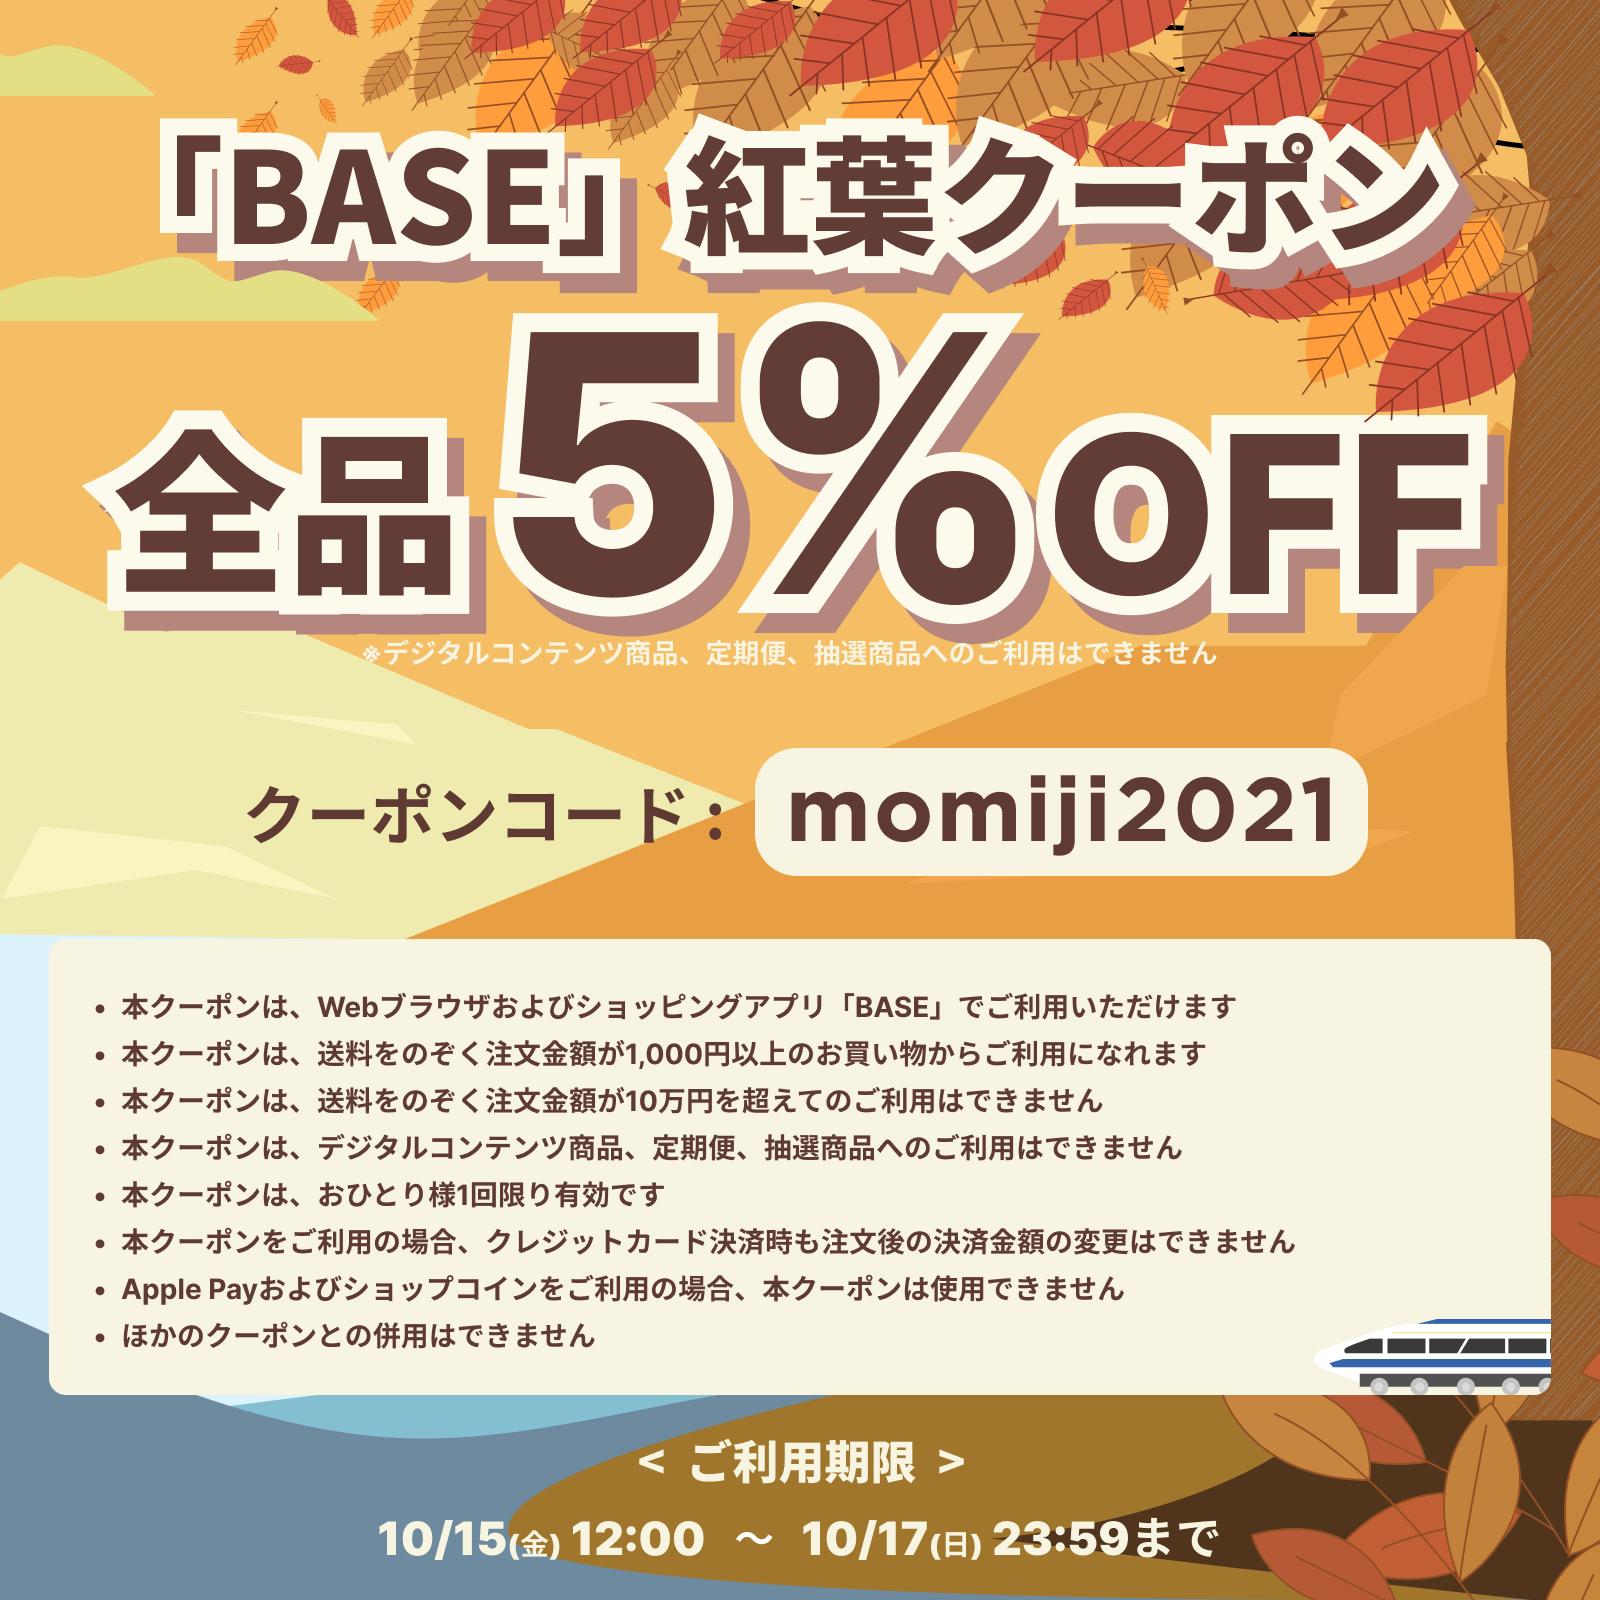 BASE SHOPで使える5%オフクーポンコード配布♪